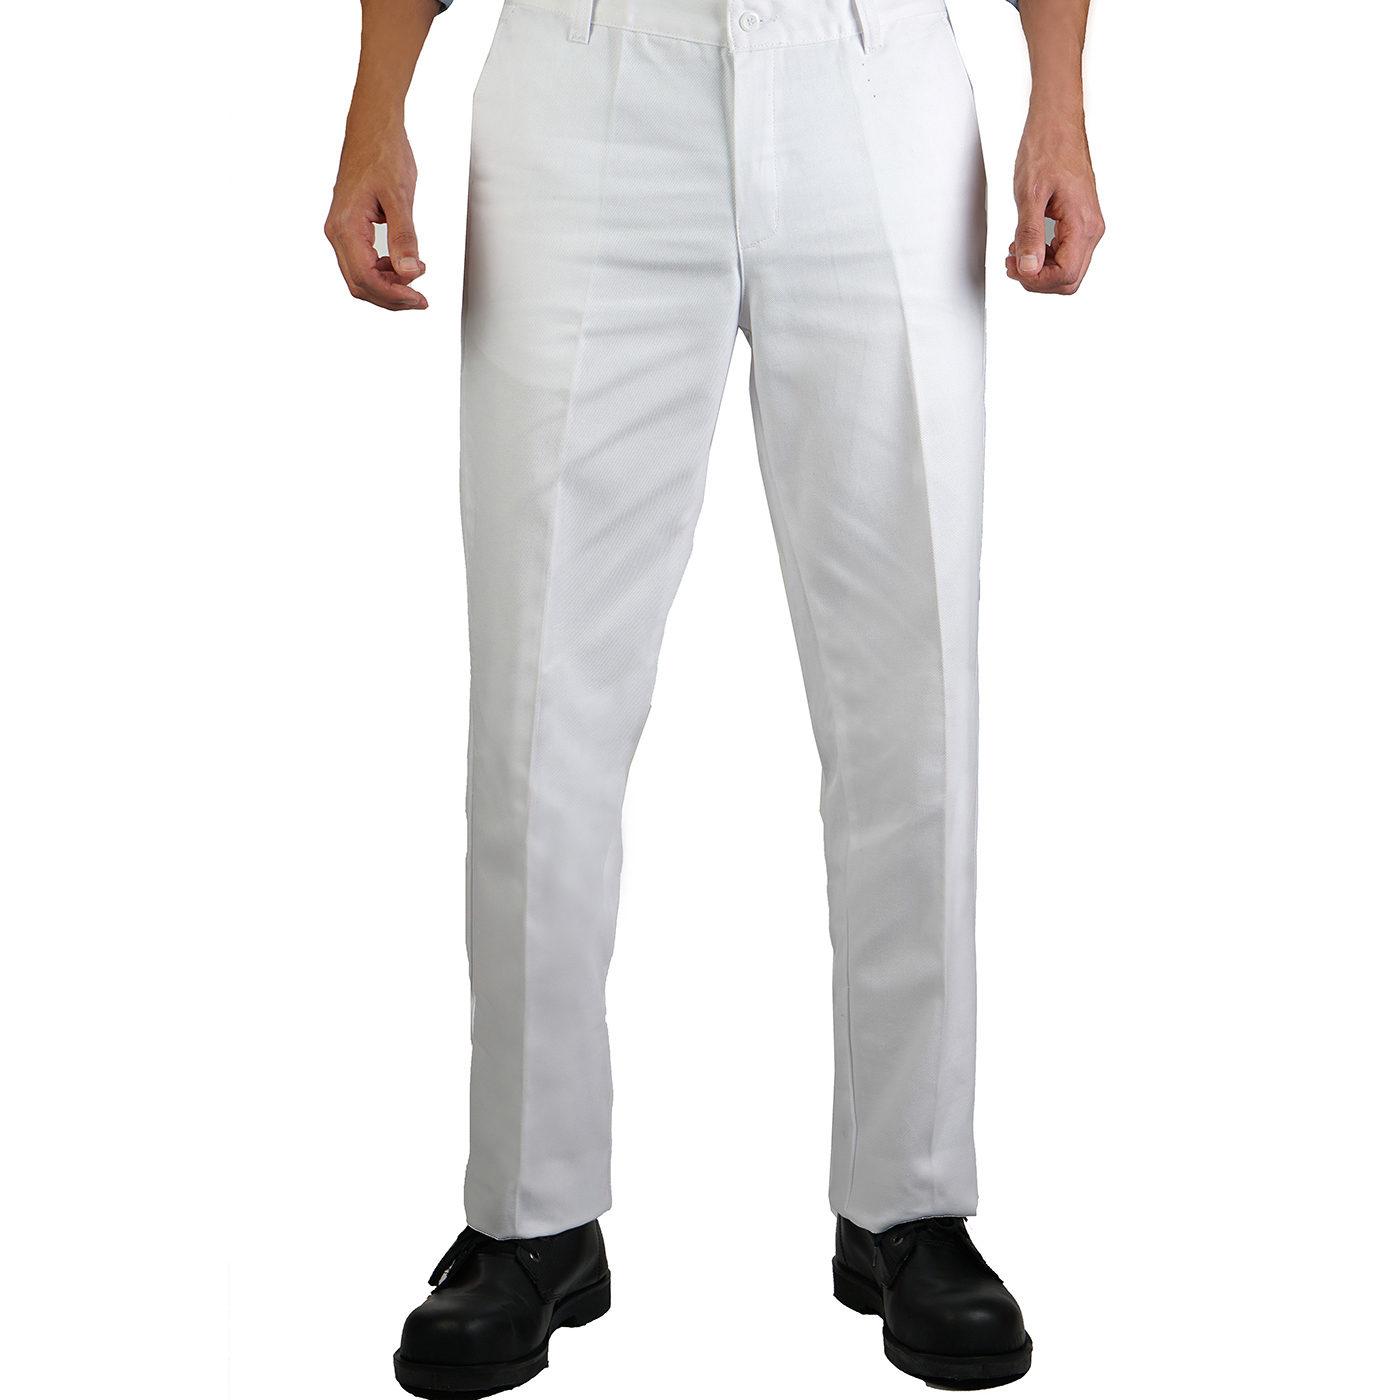 Pantalon Dril Laboral Dotaciones Industriales Pantalones